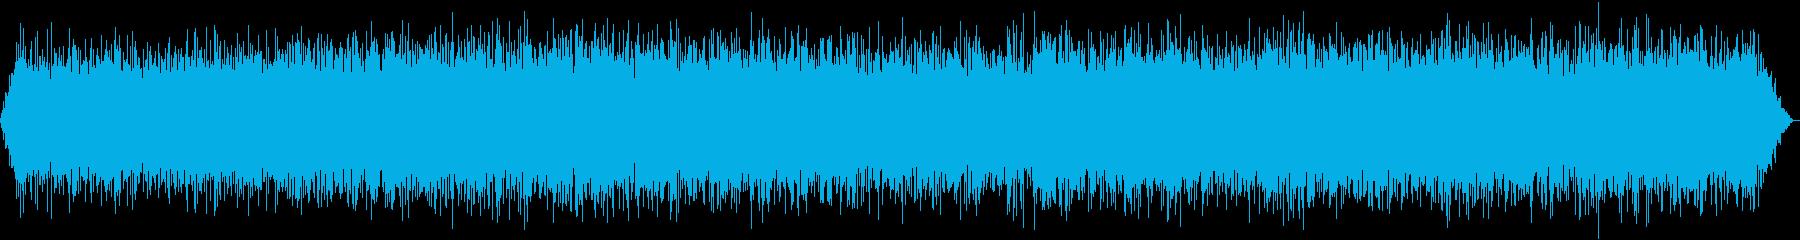 洞窟の洞窟と洞窟の水の重いストリームの再生済みの波形